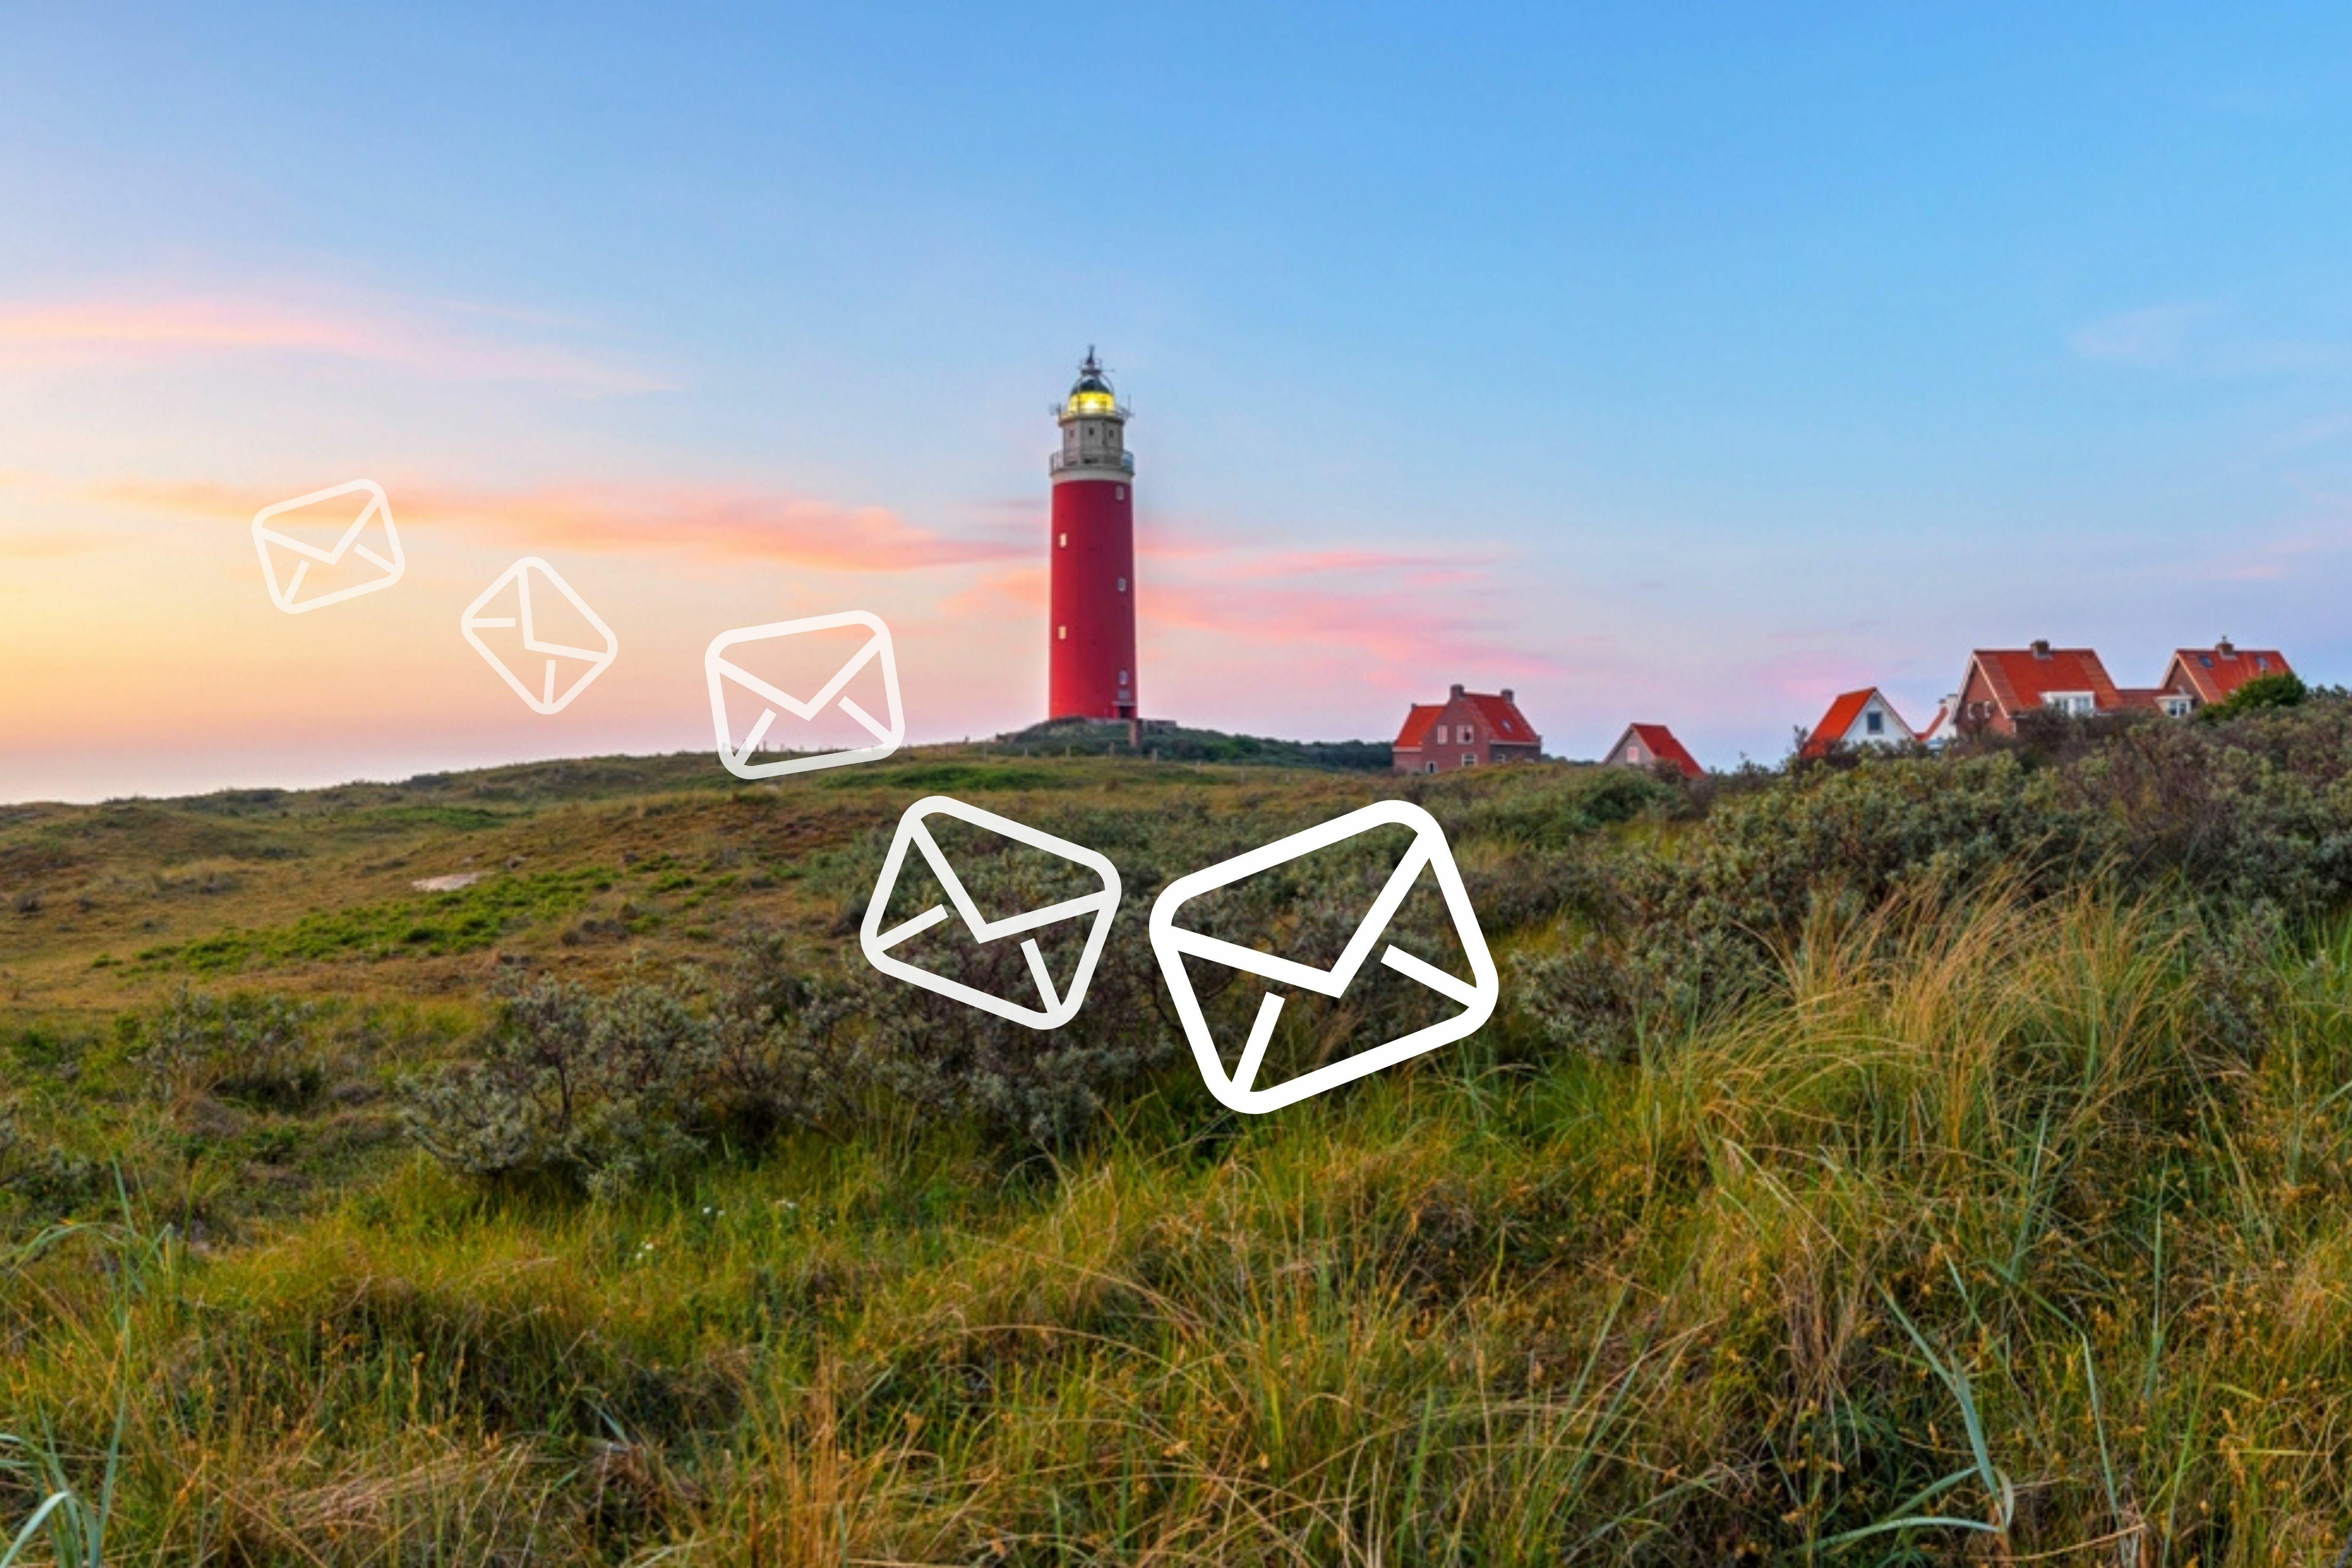 Nieuwsbrief van Texel VVV Texel